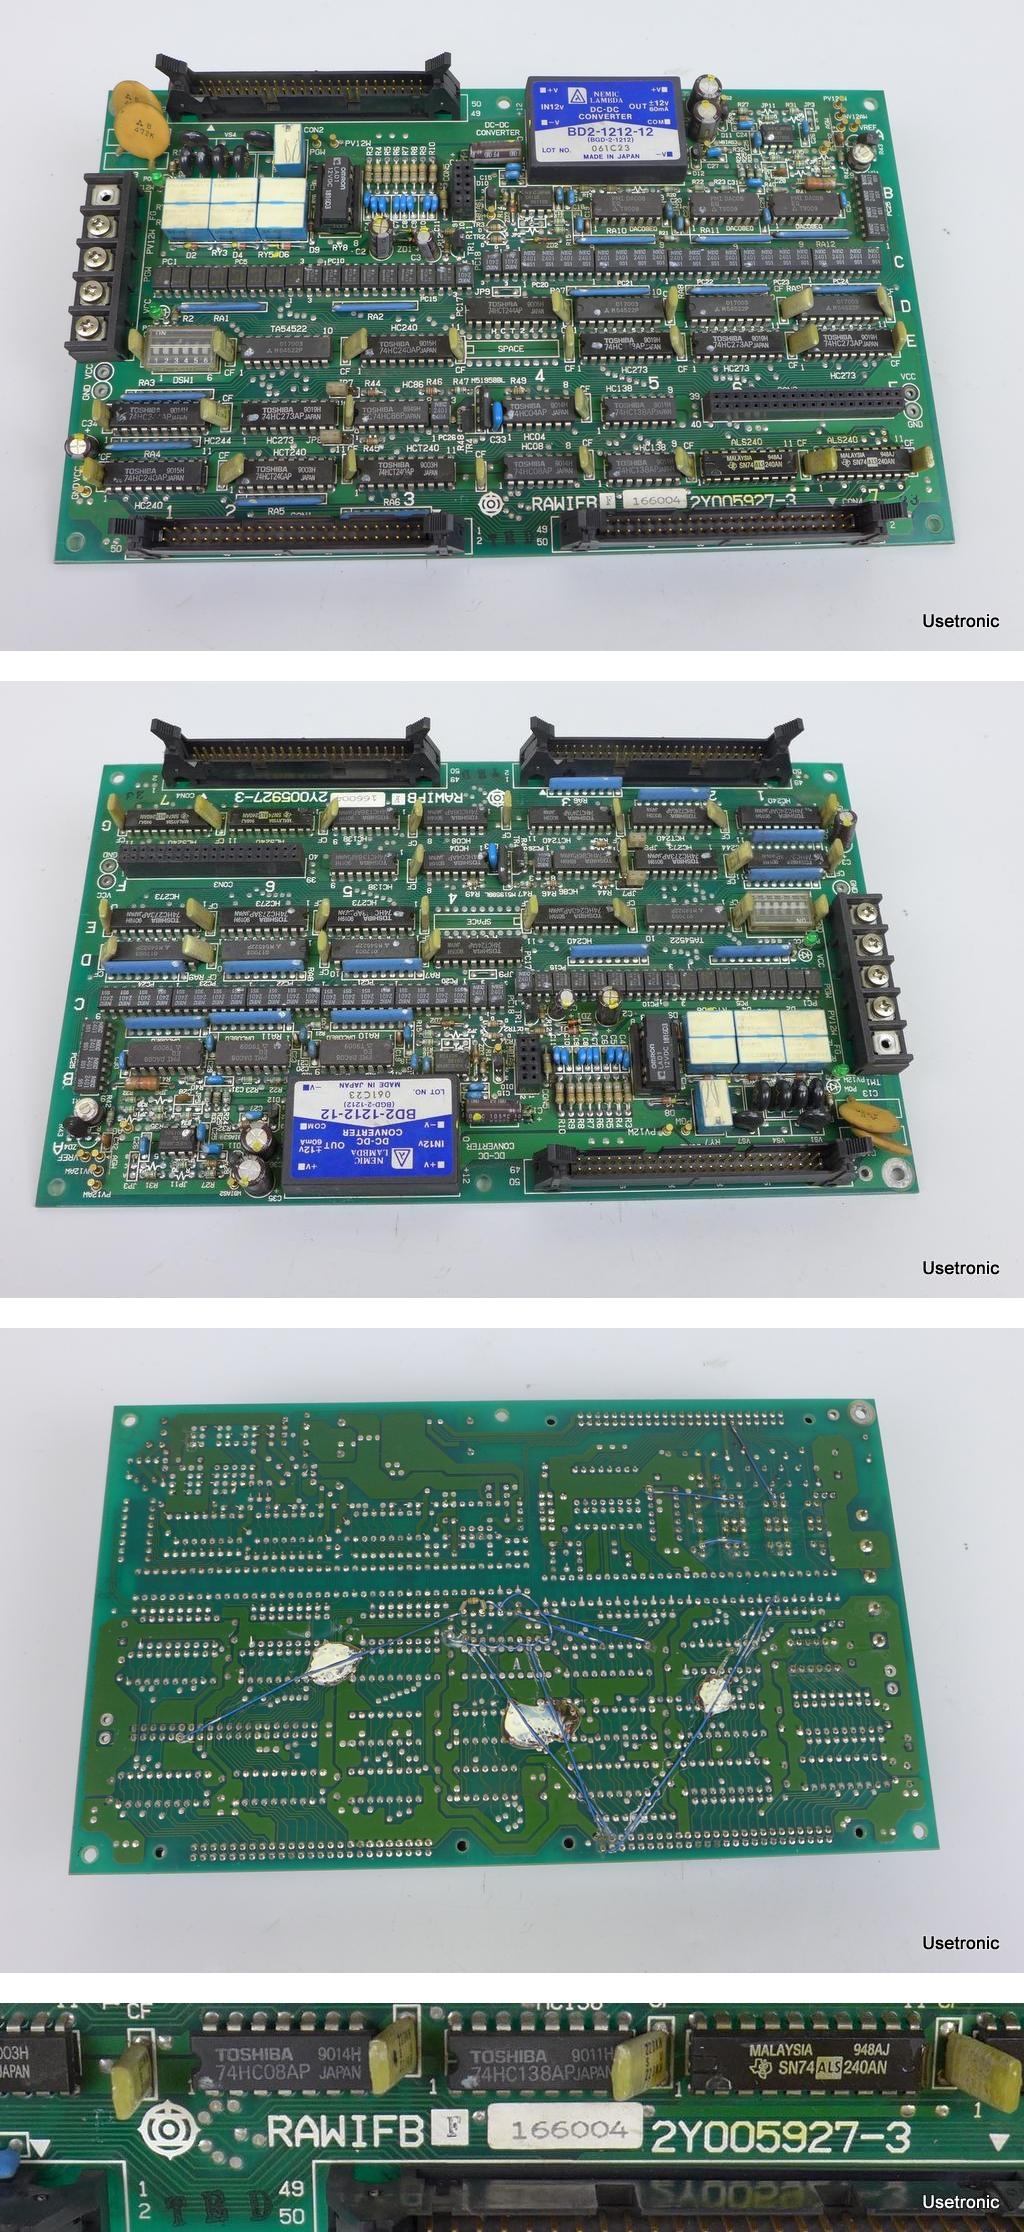 Hitachi RAWIFB F 166004 2Y005927-3